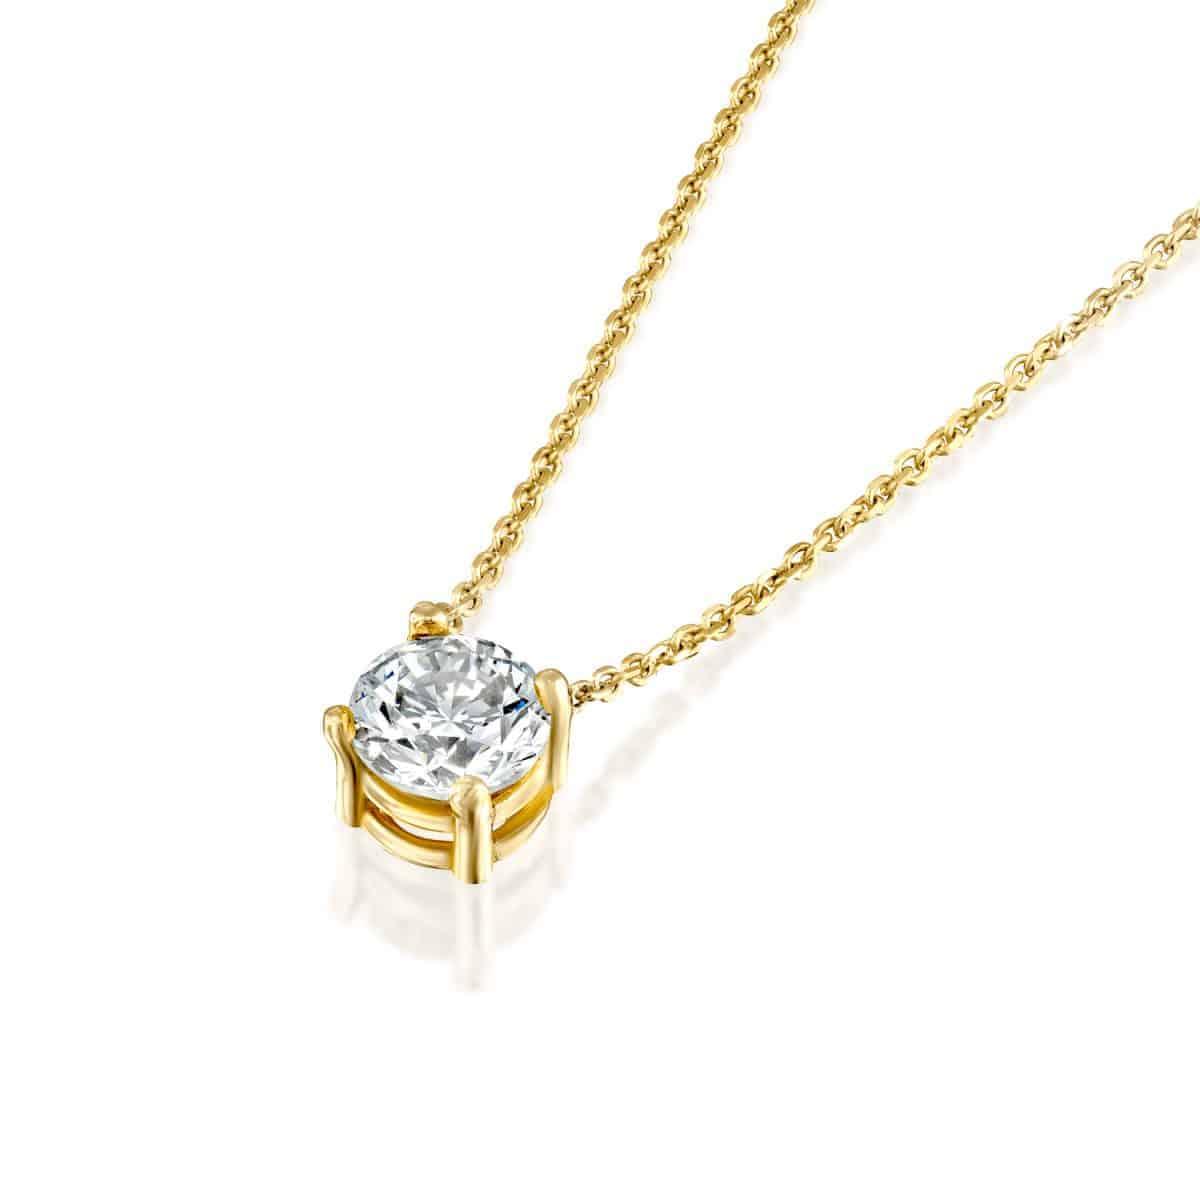 שרשרת יהלום סוליטר 1 קראט זהב צהוב 2